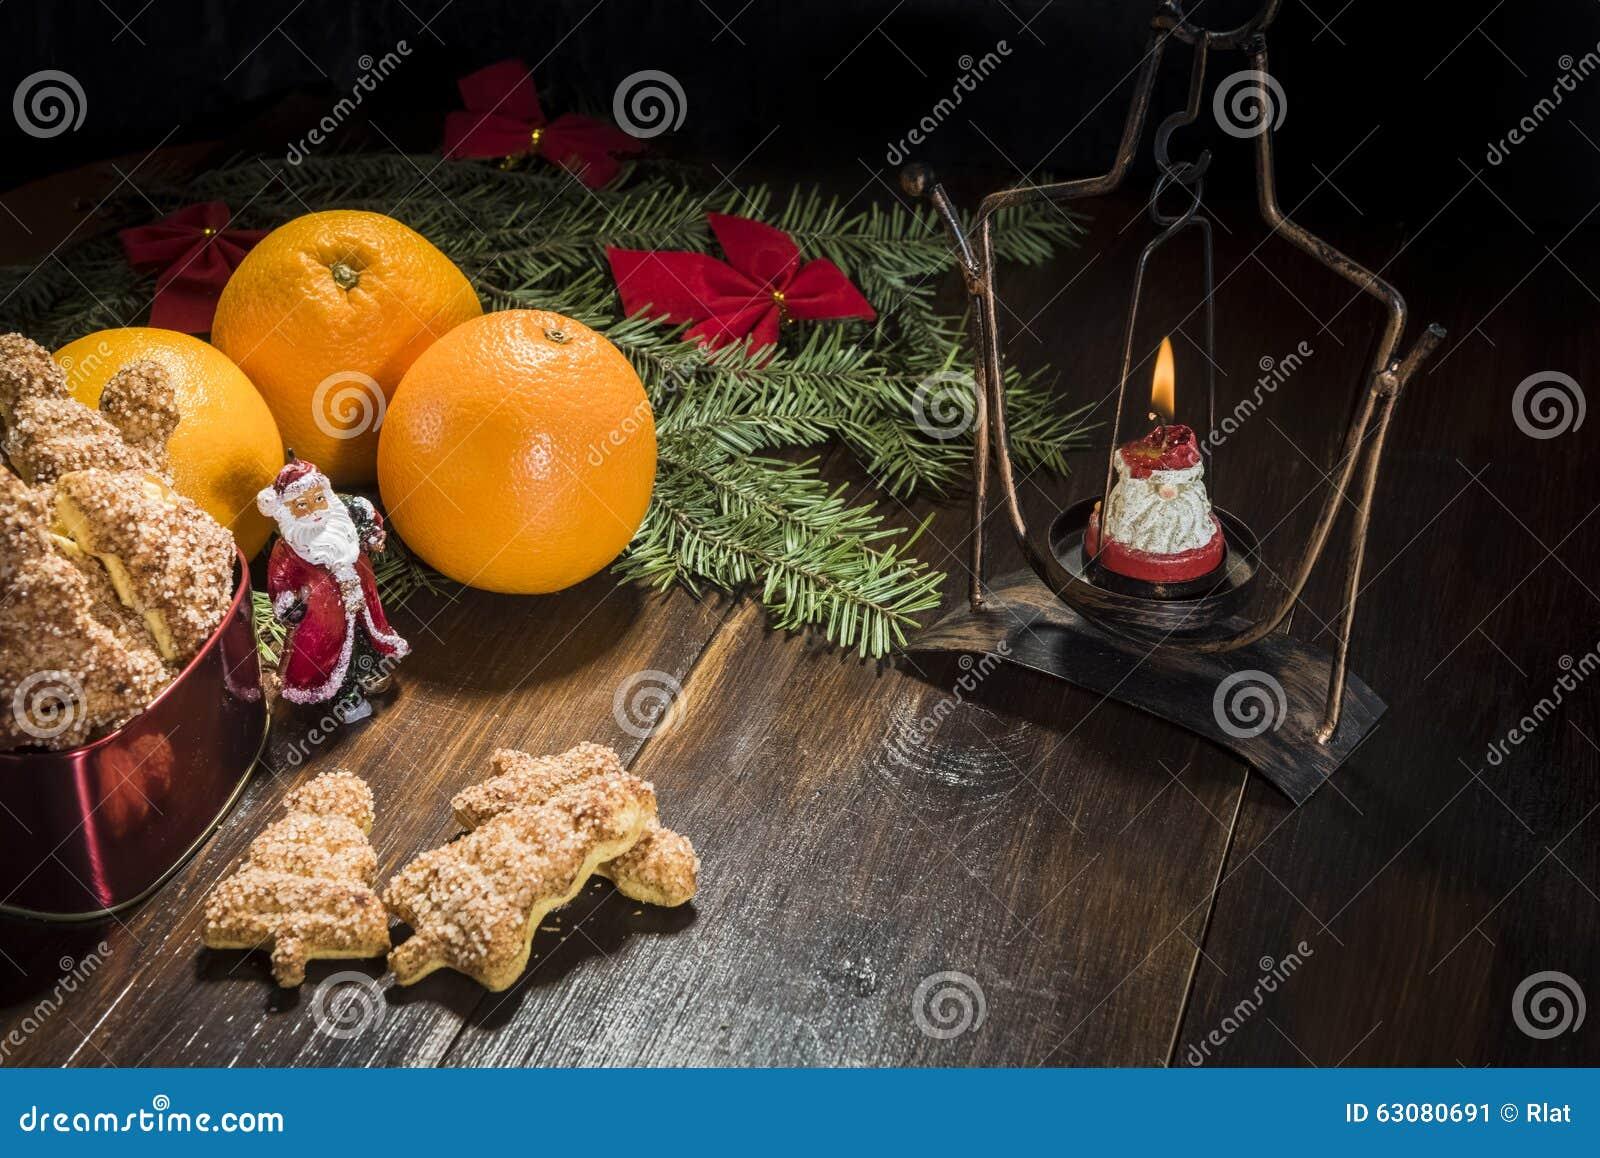 Download Biscuits de Noël et image stock. Image du miettes, bonbons - 63080691